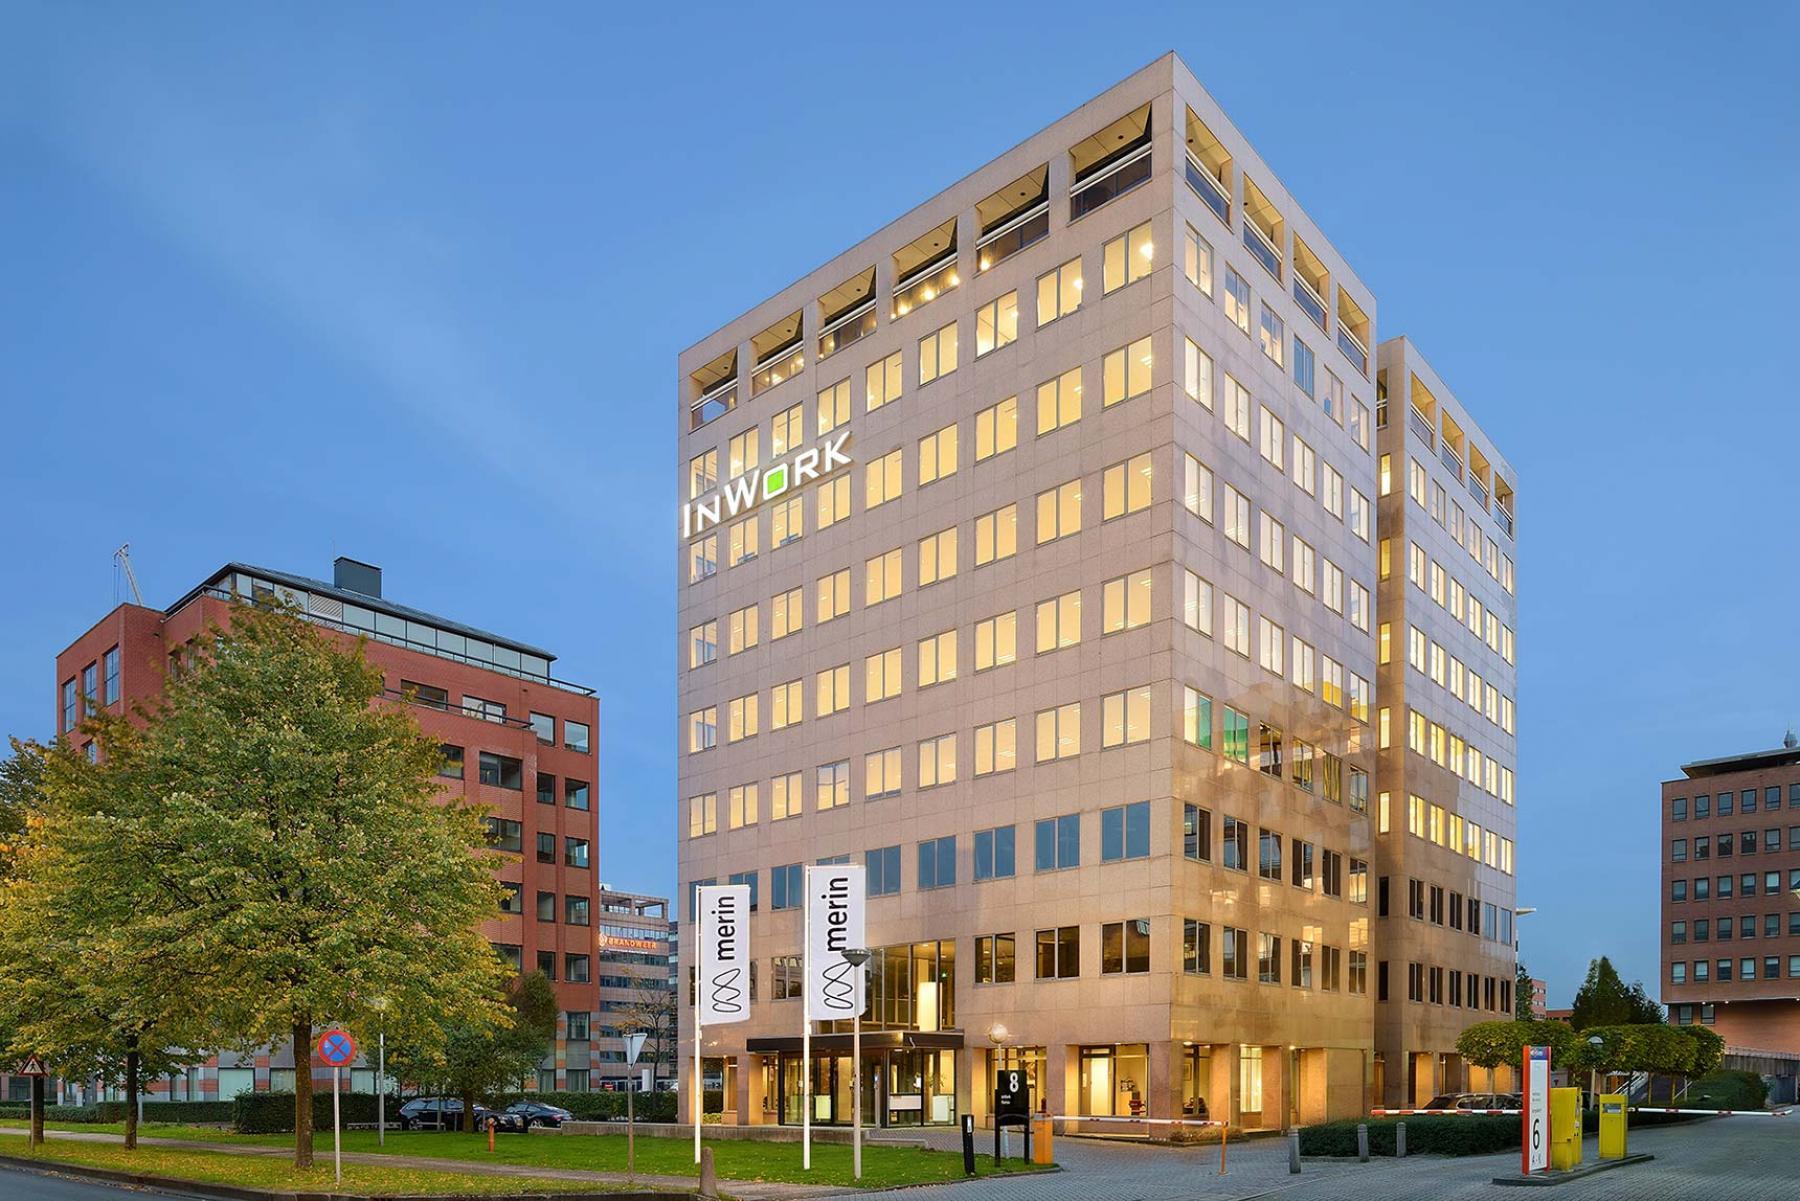 voorzijde kantoorpand amsterdam zuidoost karspeldreef vlaggen licht bomen